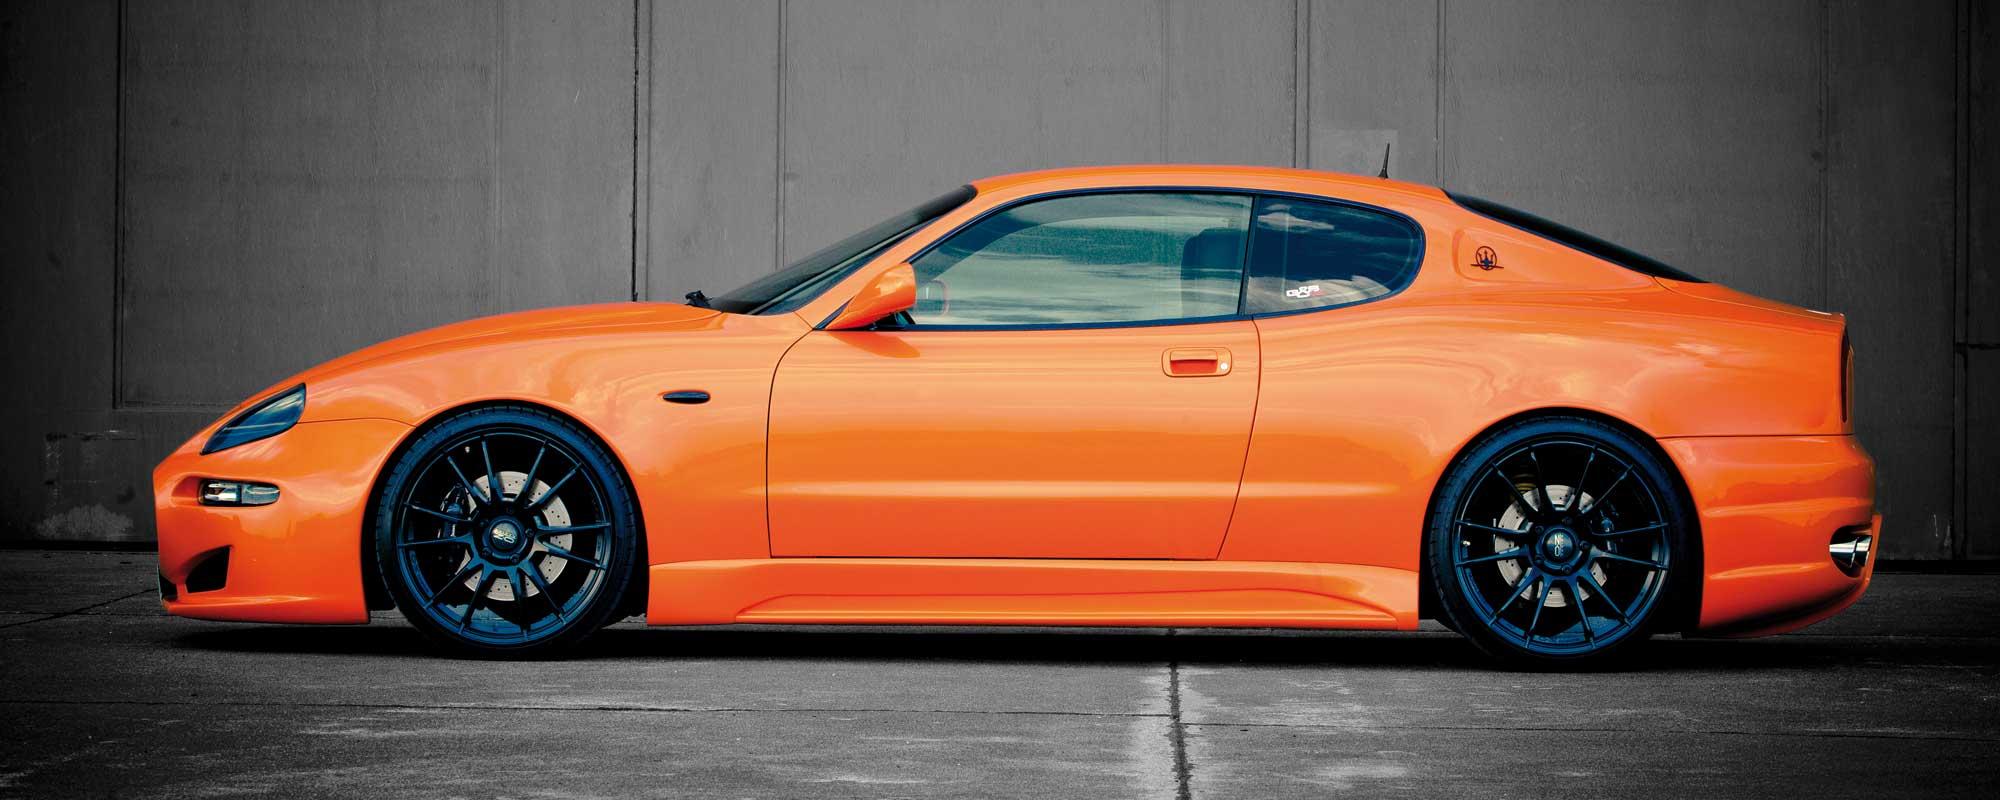 KW Gewindefahrwerk für den Maserati 4200